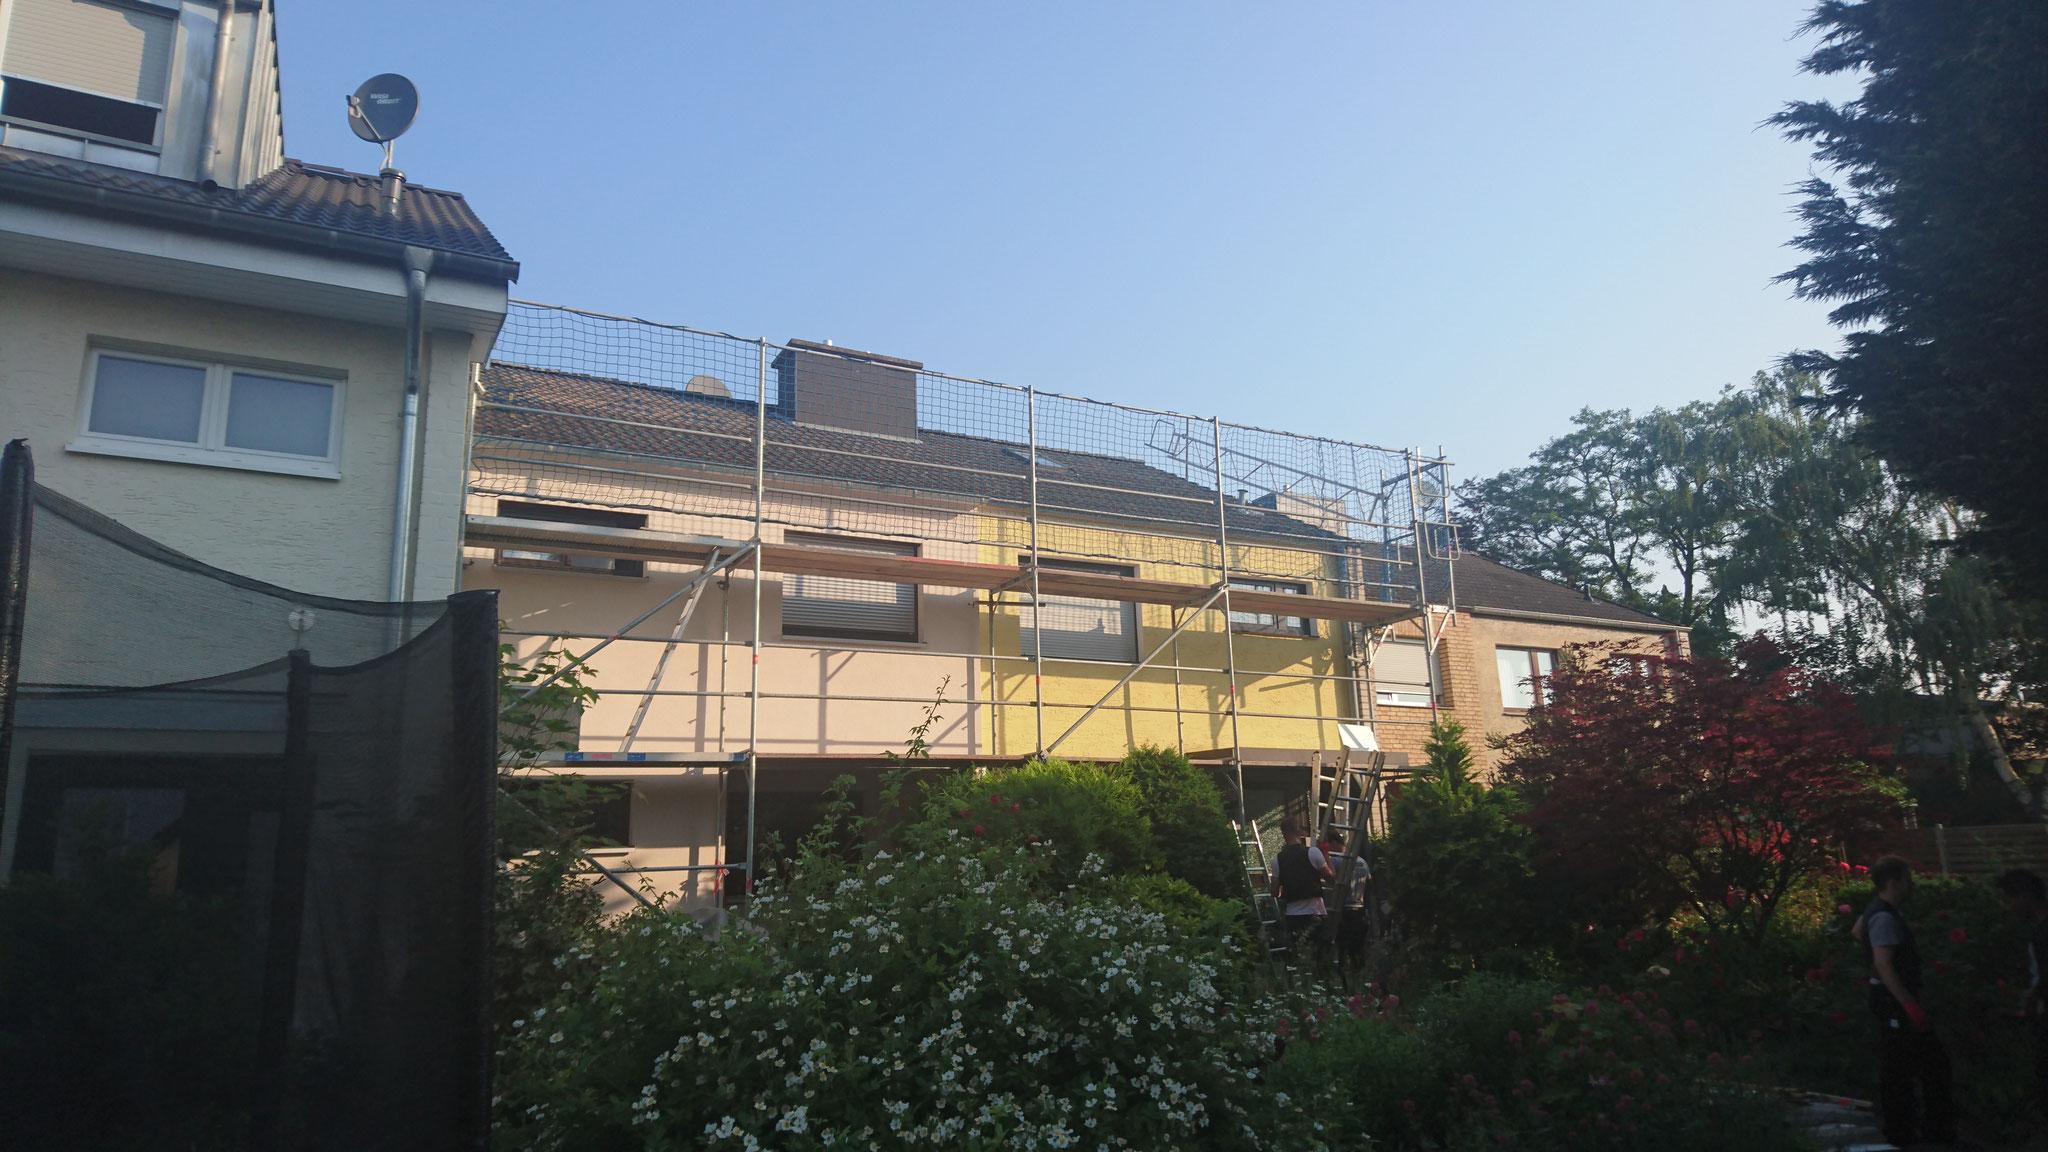 Vorher: Das Gerüst steht, jetzt muss als erstes das alte Dach abgerissen werden